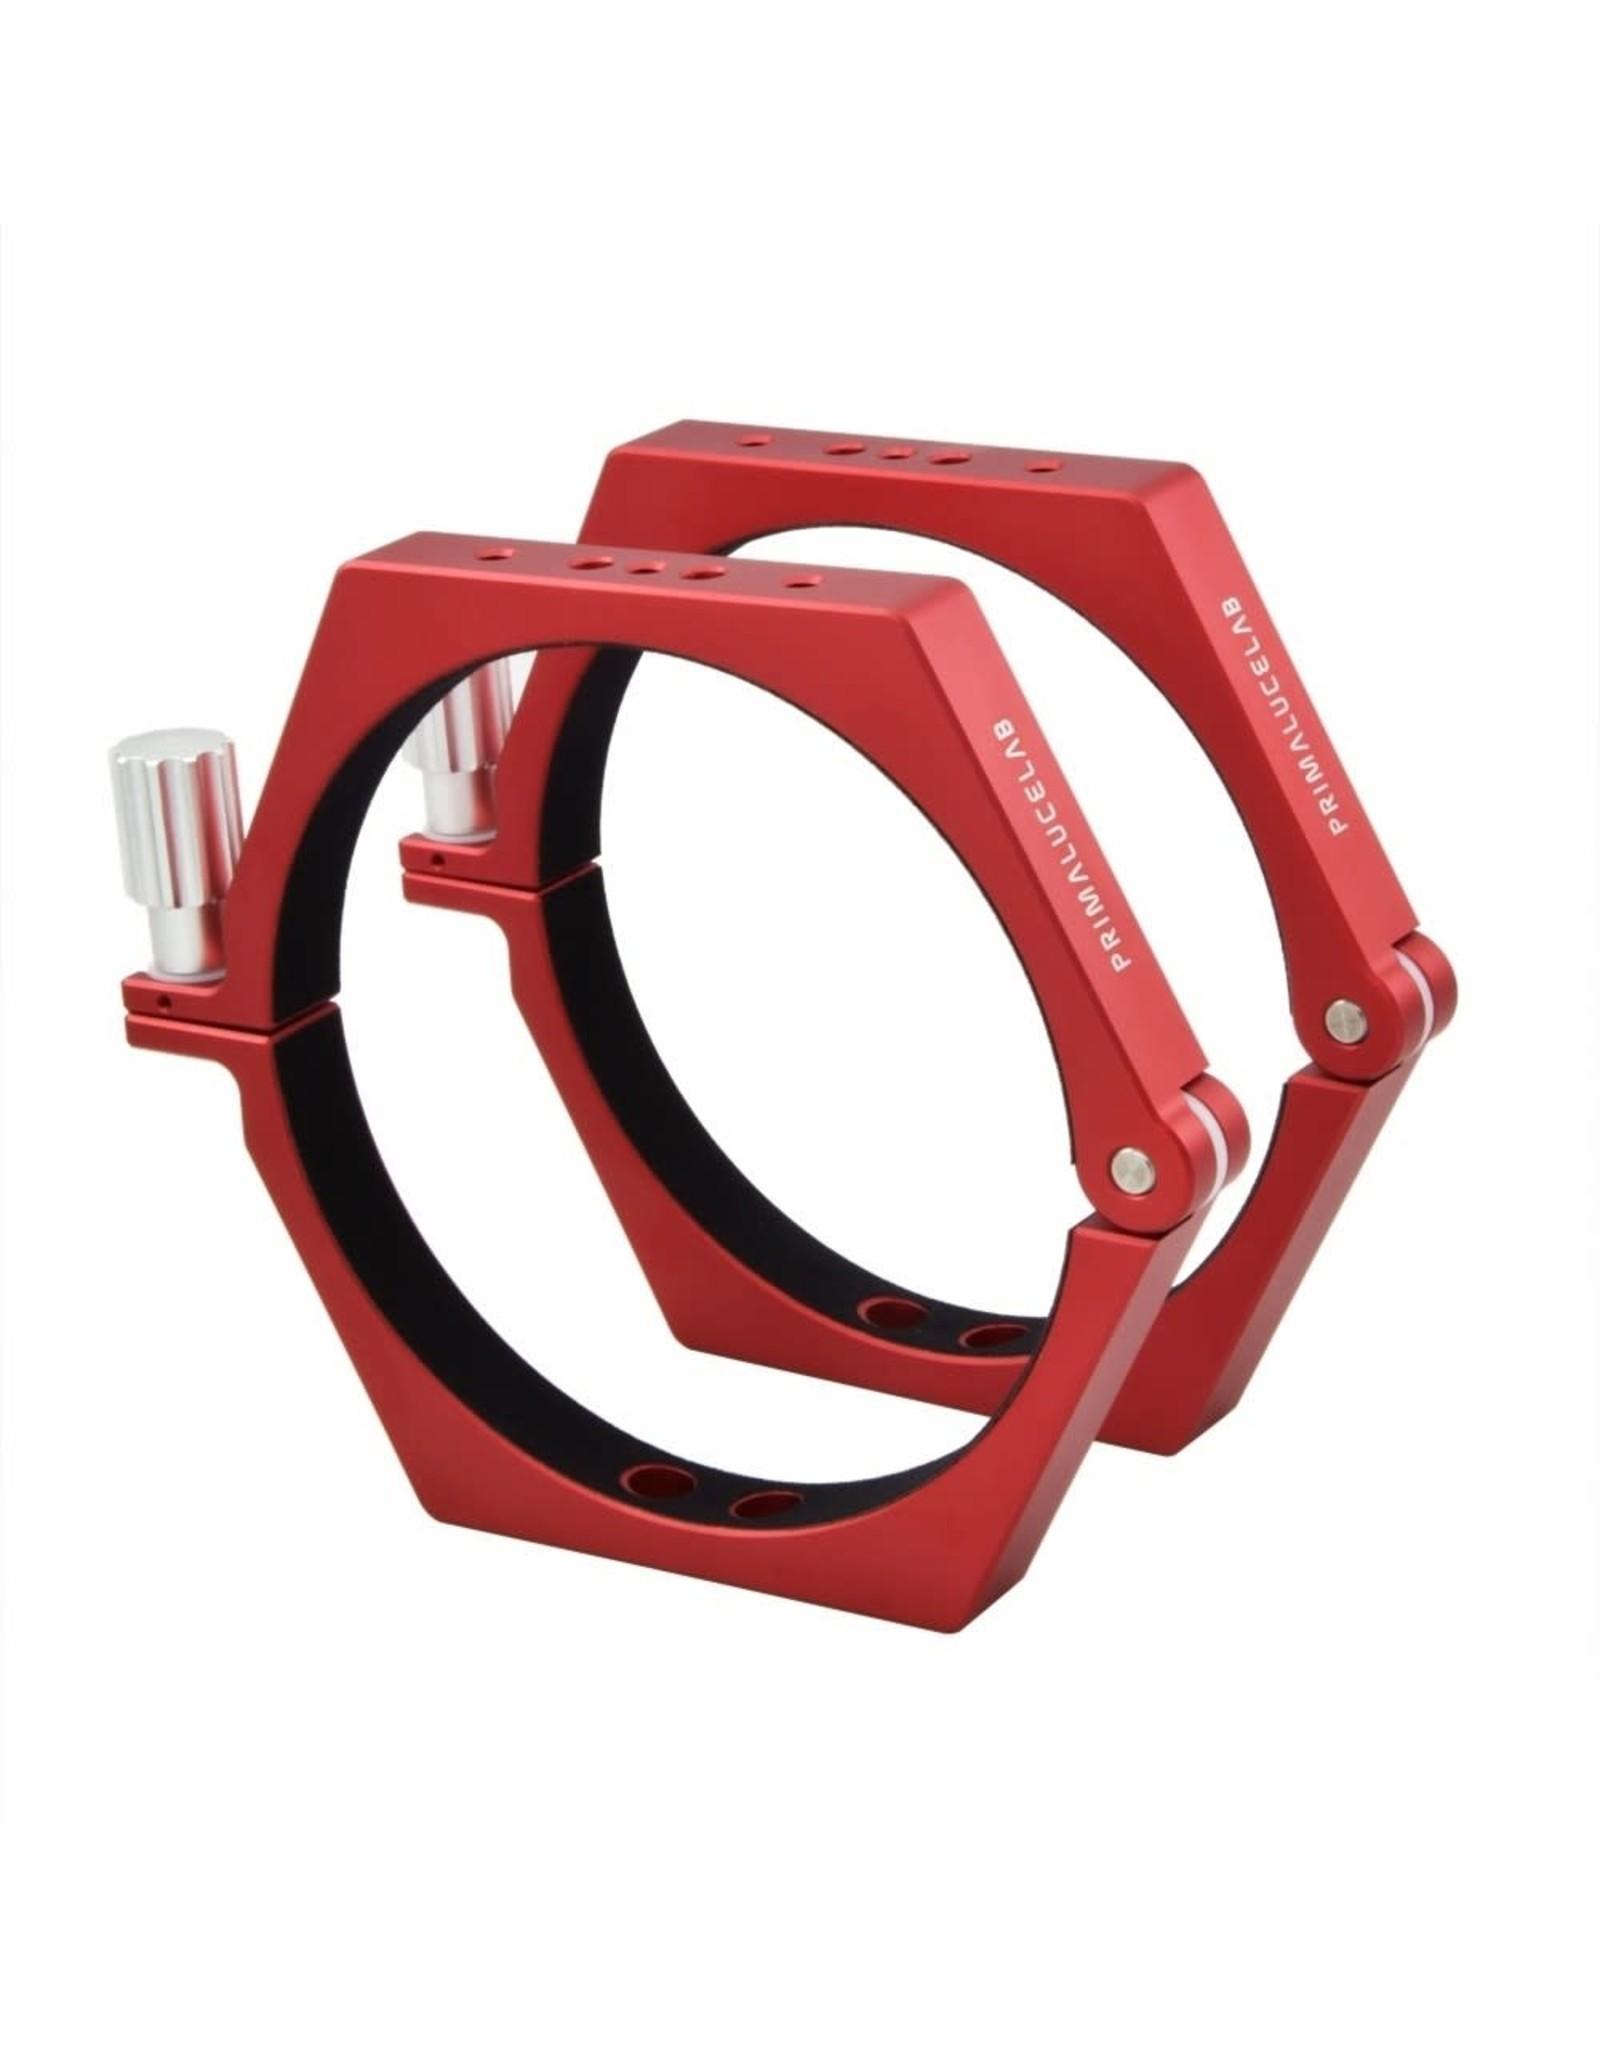 PrimaLuceLab PrimaLuceLab 150mm PLUS support rings